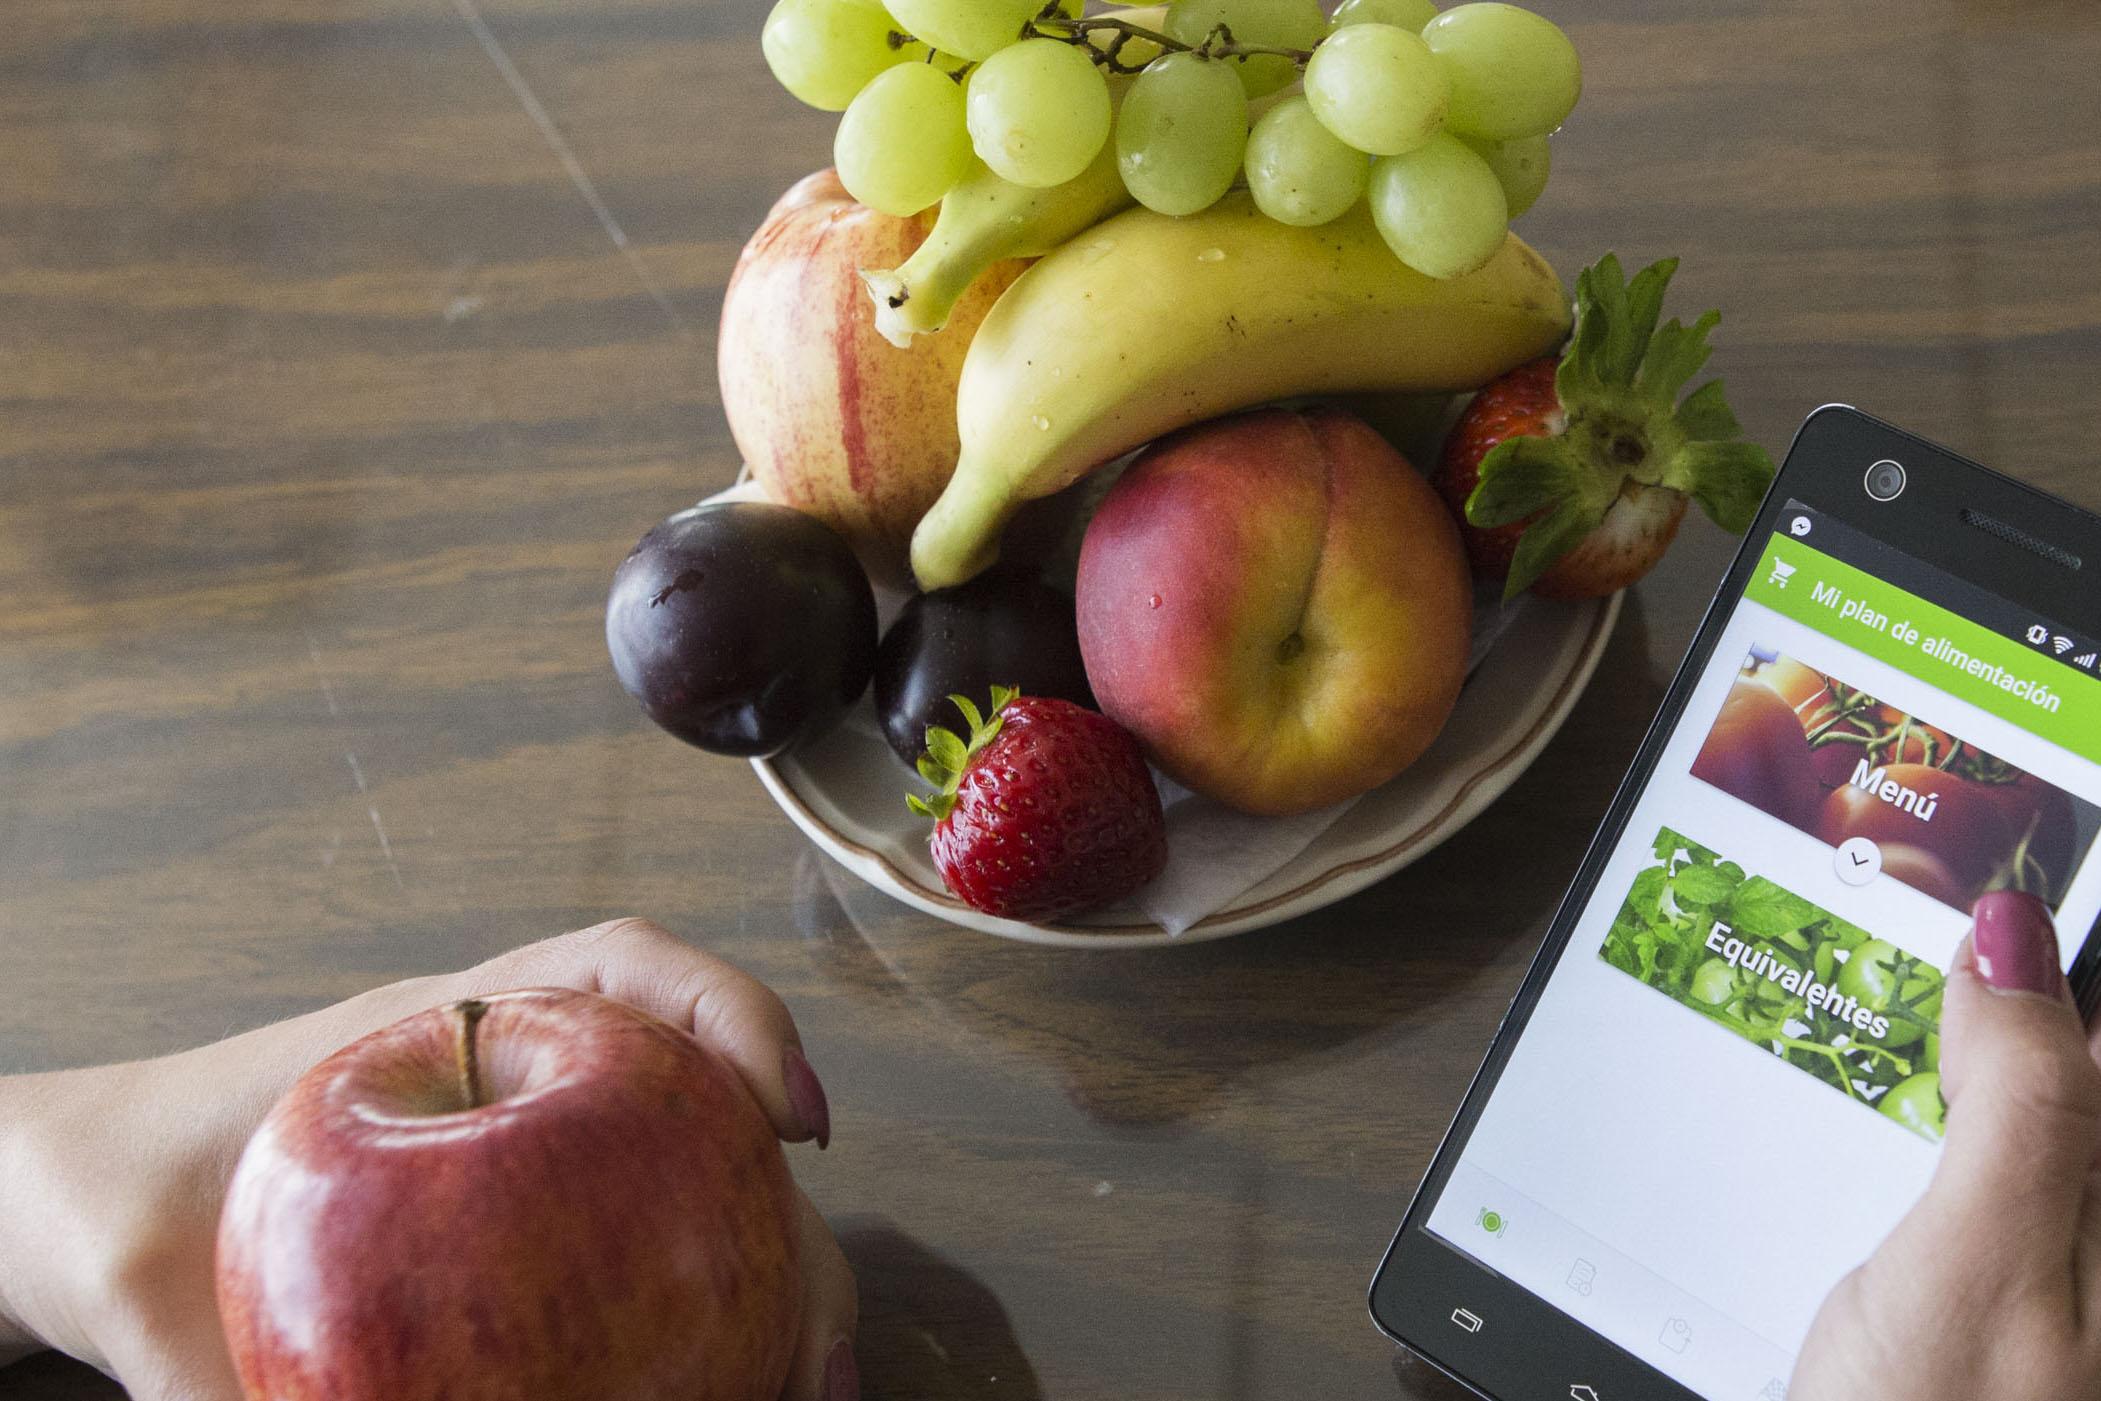 Una dieta balanceada con alimentos frescos y ricos en vitamina C, A, D, E y Zinc es suficiente para fortalecer el sistema inmunológico